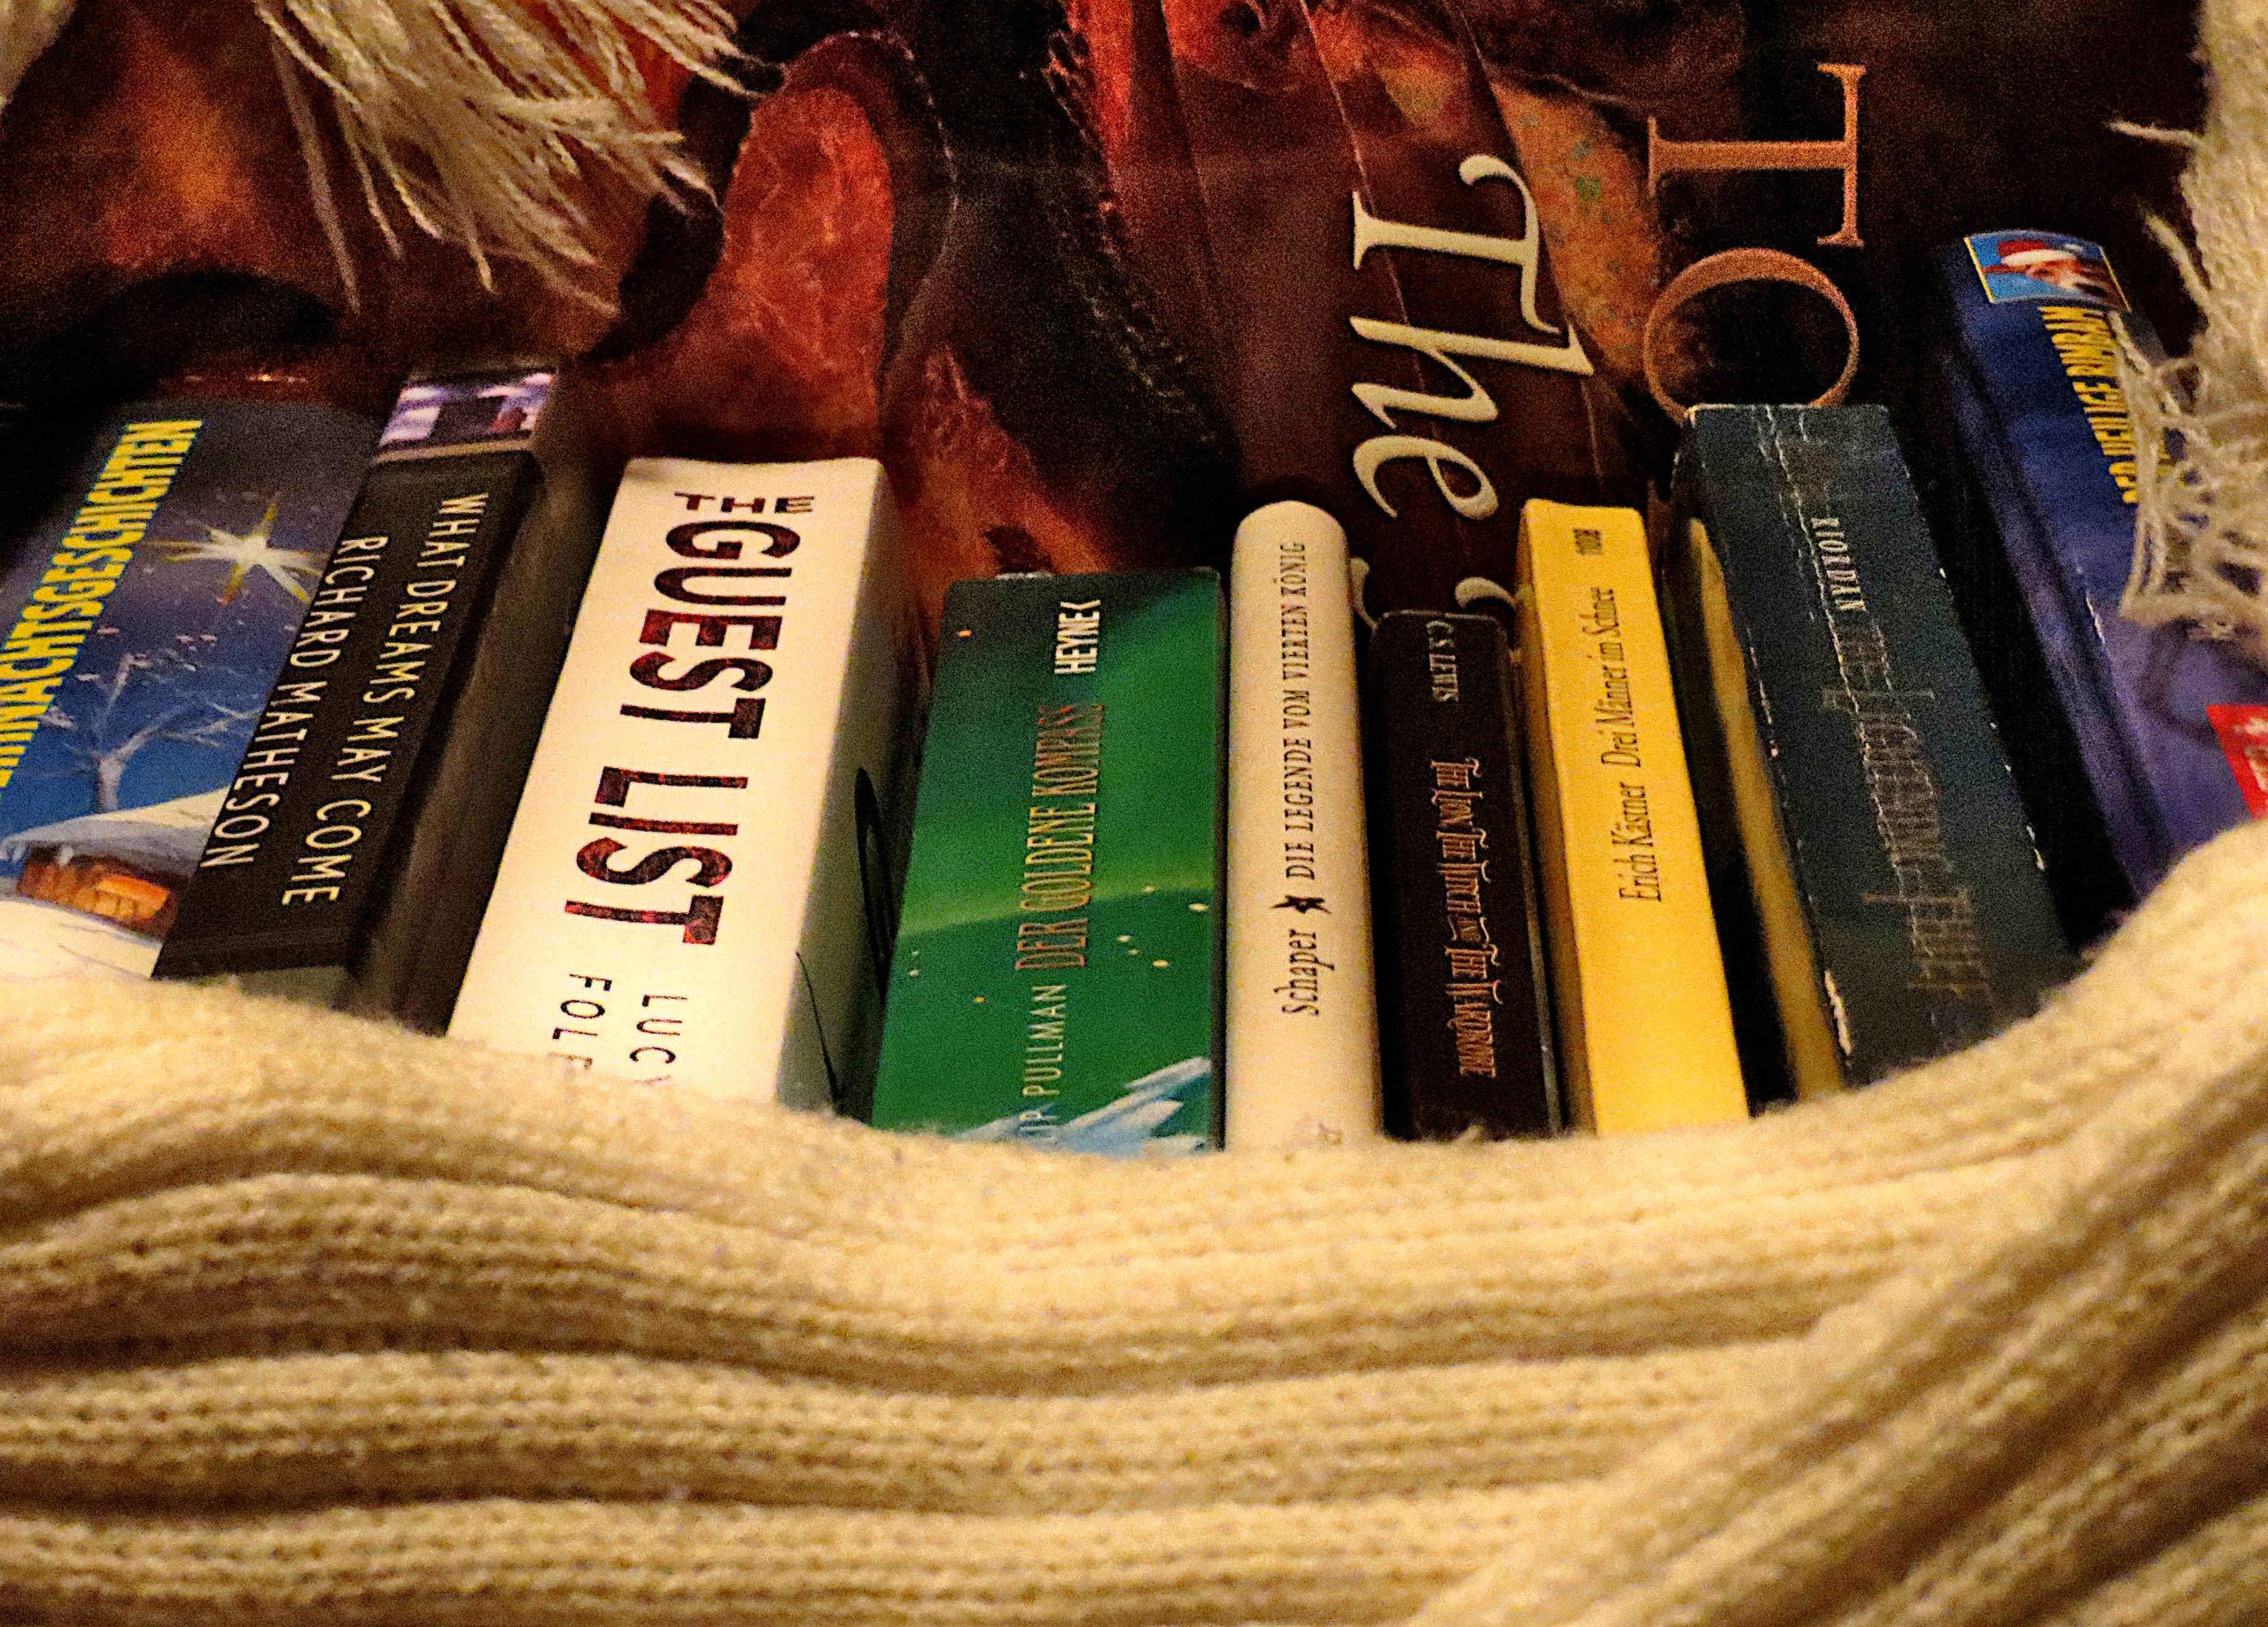 """Top Ten Weihnachtsspecial: Charles Dickens """"Weihnachtsgeschichten"""", Richard Matheson """"What Dreams May Come"""", Lucy Foley """"The Guest List"""", Philip Pullman """"Der Goldene Kompass"""", Edzard Schaper """"Die Legende vom vierten König"""", C.S. Lewis """"Narnia"""", Erich Kästner """"Drei Männer im Schnee"""", Rick Riordan """"The Lightning Thief"""", Herrmann Mensing """"Der heilige Bimbam"""", J.R.R Tolkien """"The Hobbit"""""""